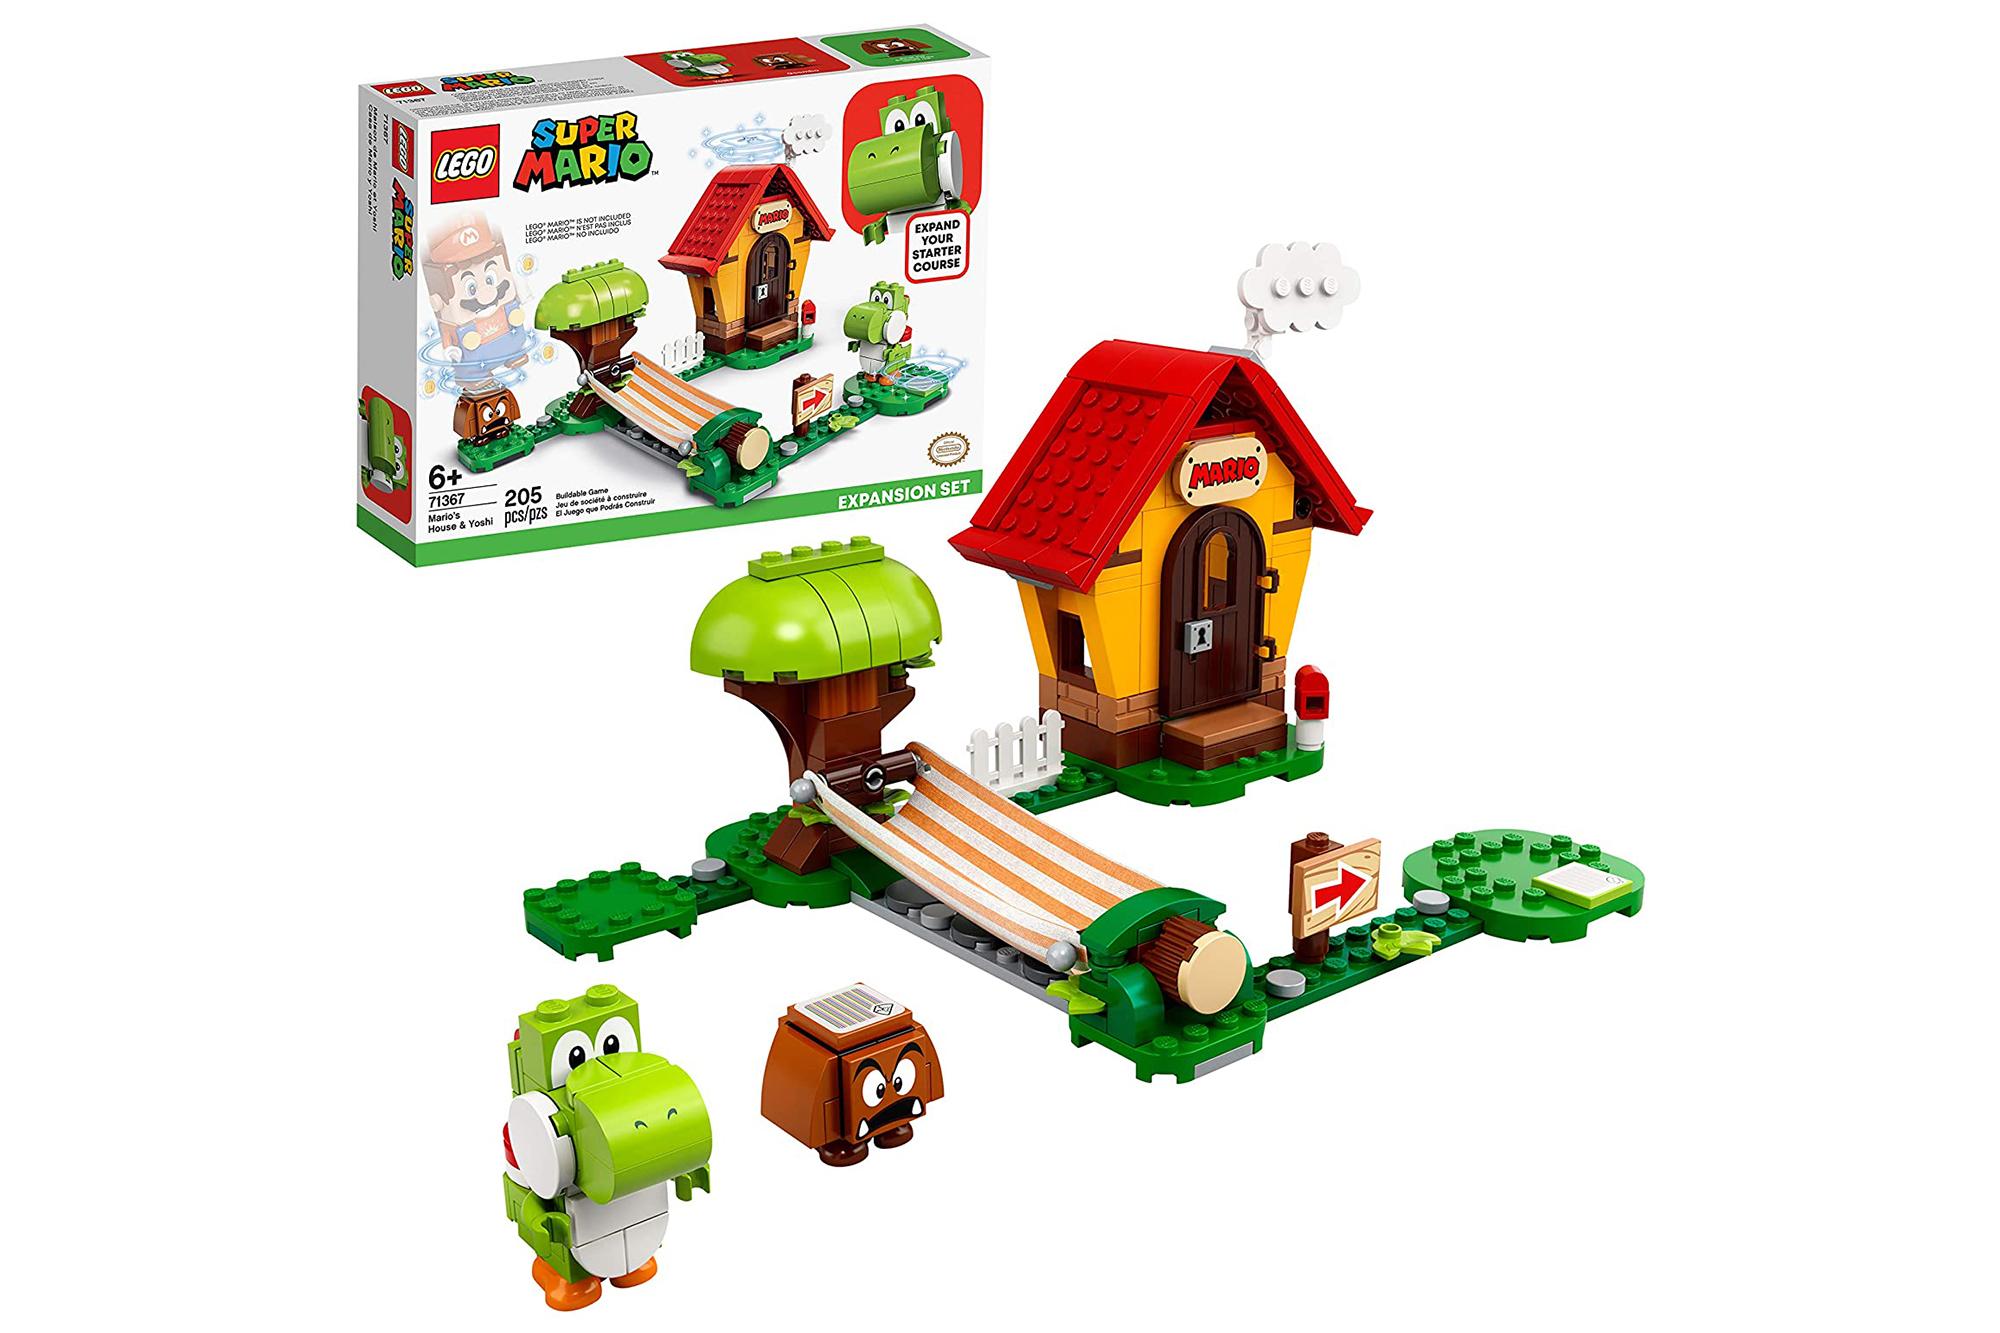 Super Mario Lego set